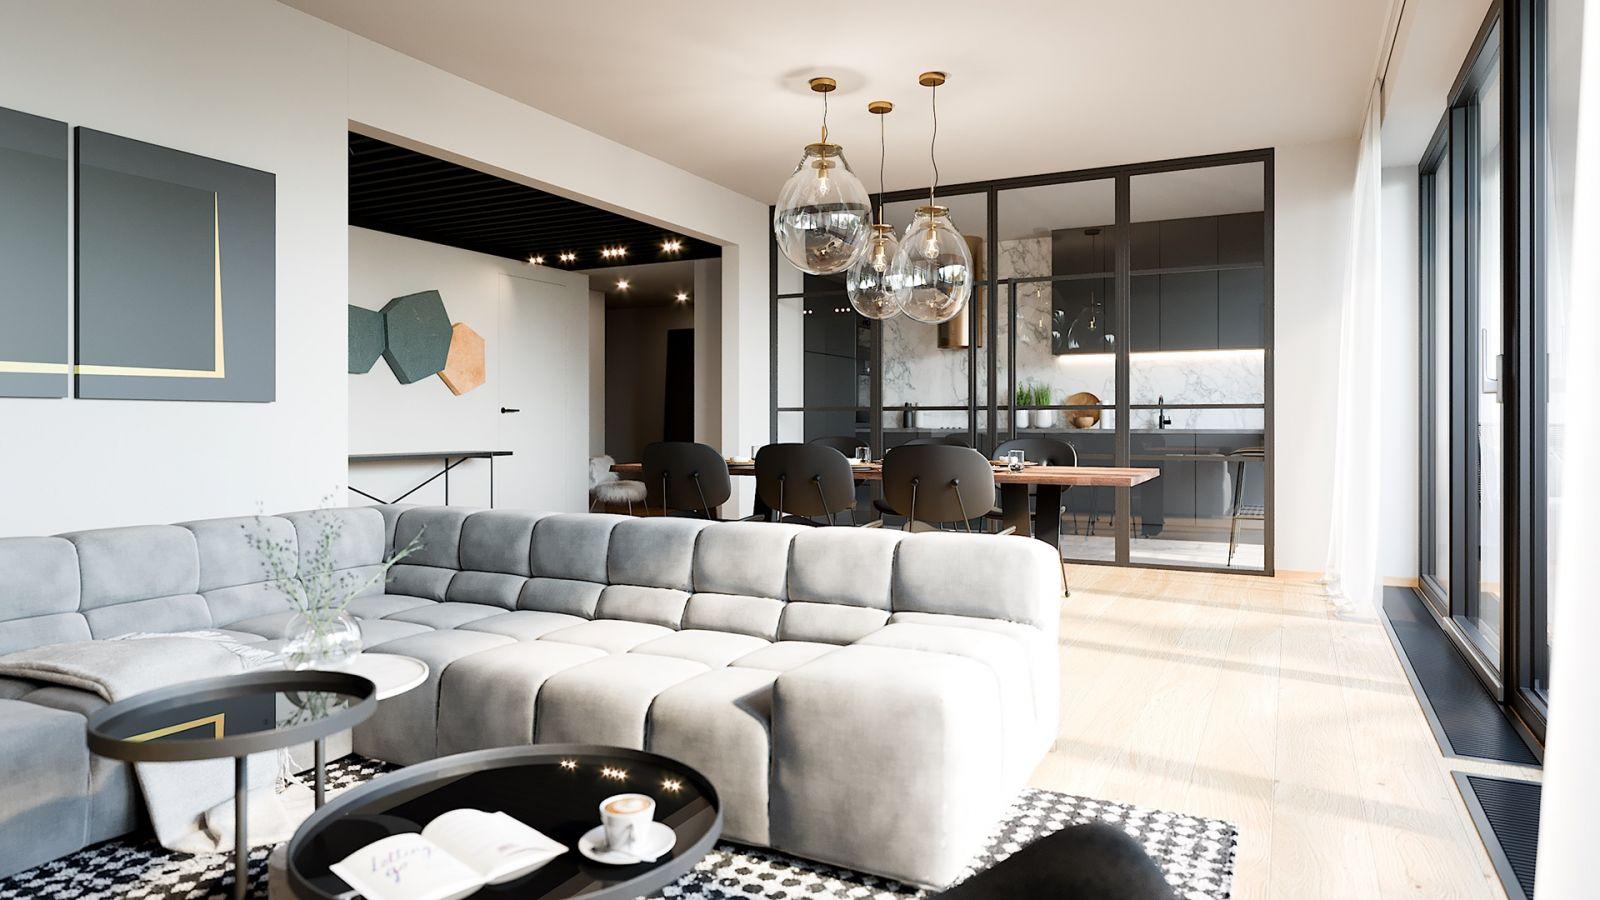 Phong cách nội thất đương đại Contemporary - Cập nhật xu hướng nổi bật